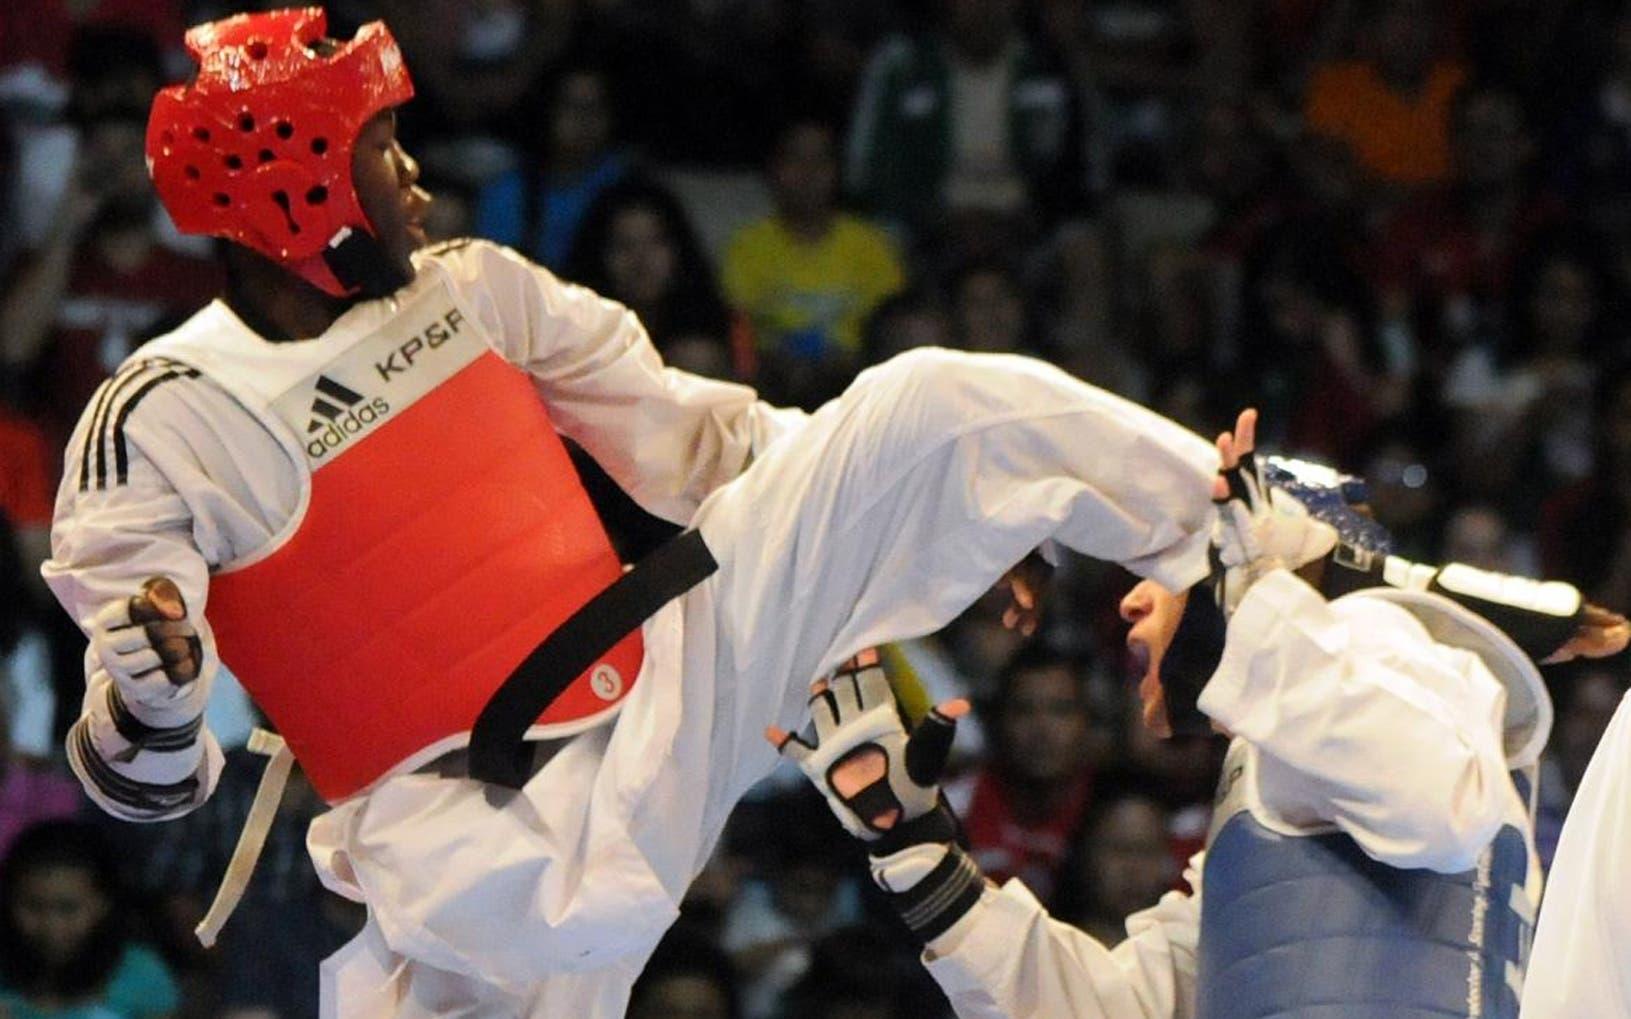 Luis Pie patea el rostro de un rival durante un evento internacional con  el equipo dominicano de taekwondo.  Archivo